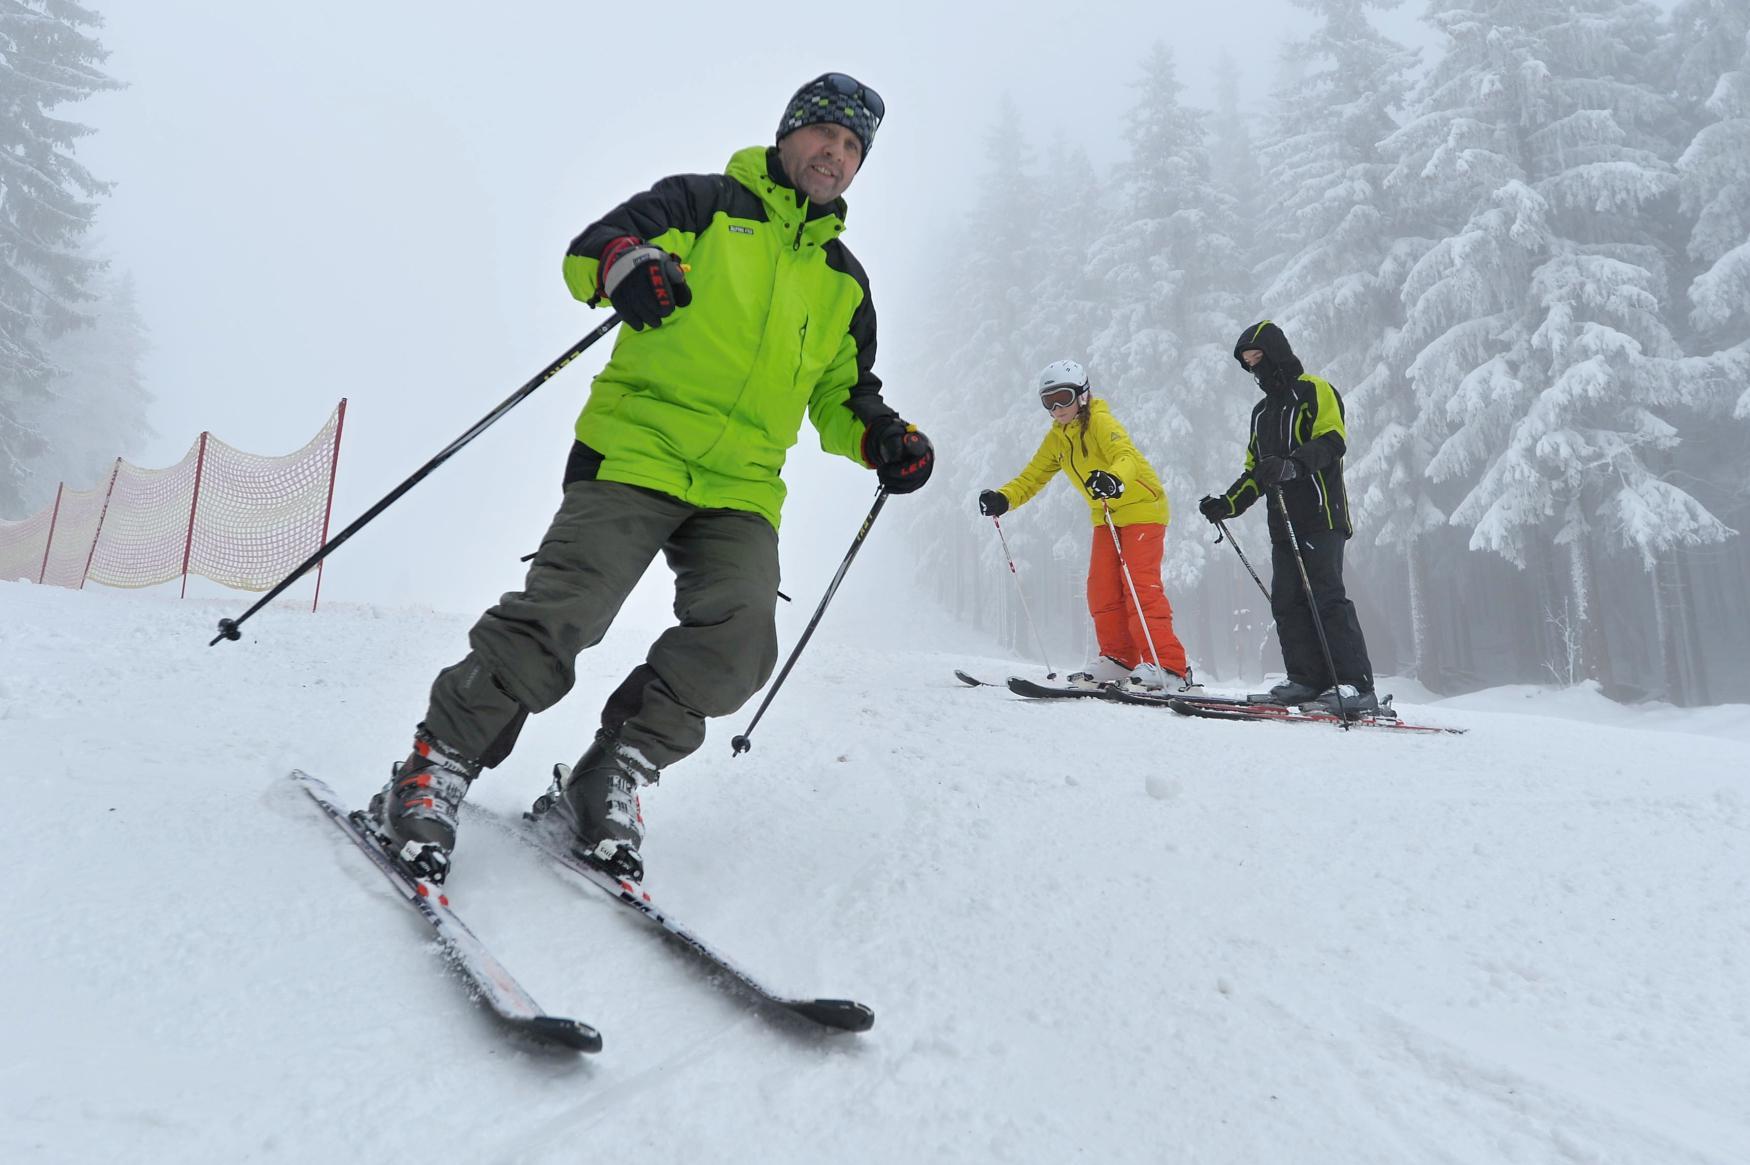 Skiareály na Moravě lákají lyžaře. Sněhu je dostatek